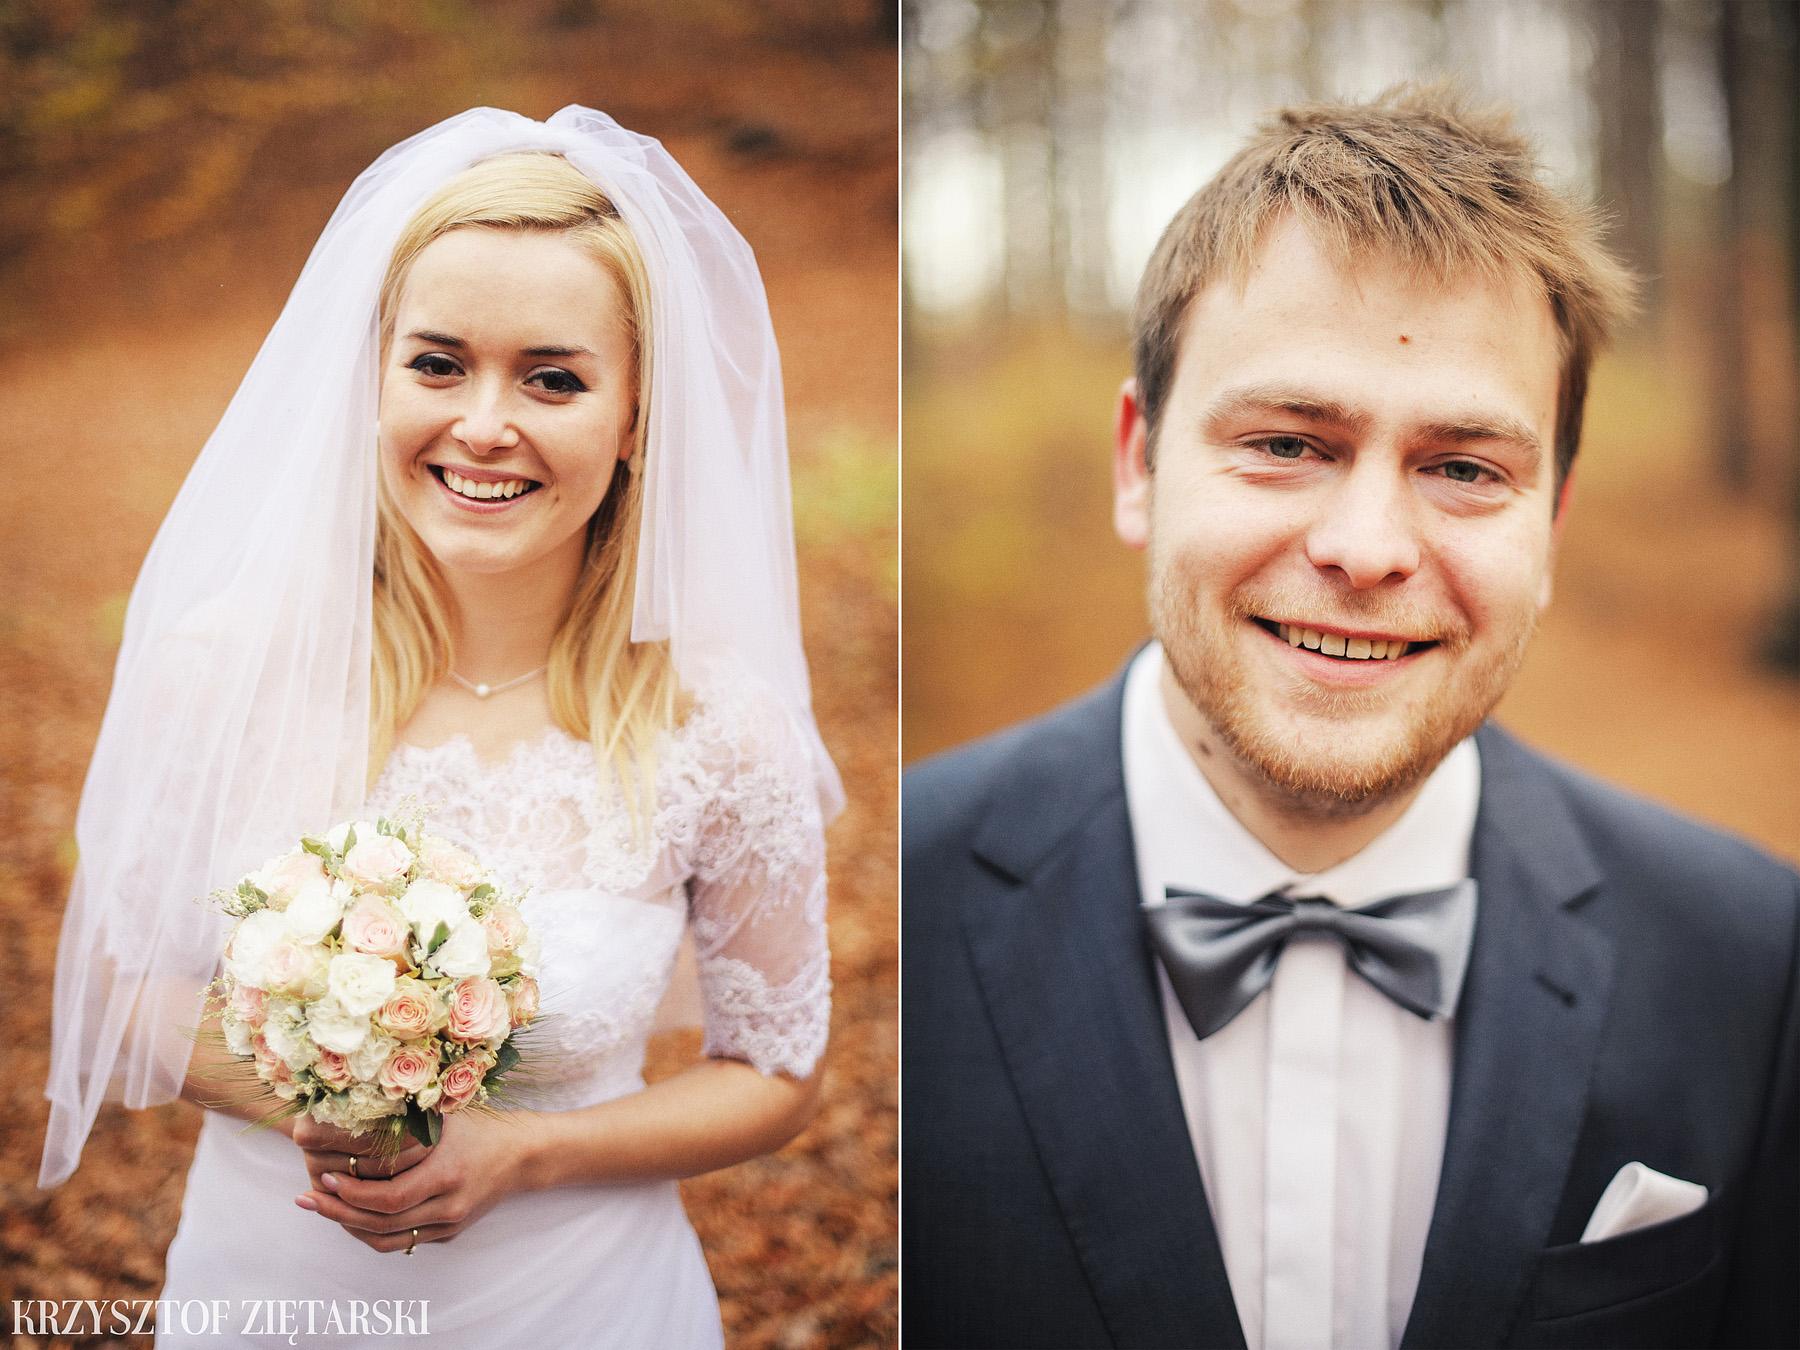 Agnieszka i Jacek - Fotografia ślubna Słupsk, kościół NSJ, wesele Gościniec Młyn Słupski, plener ślubny w Gdyni - 85.